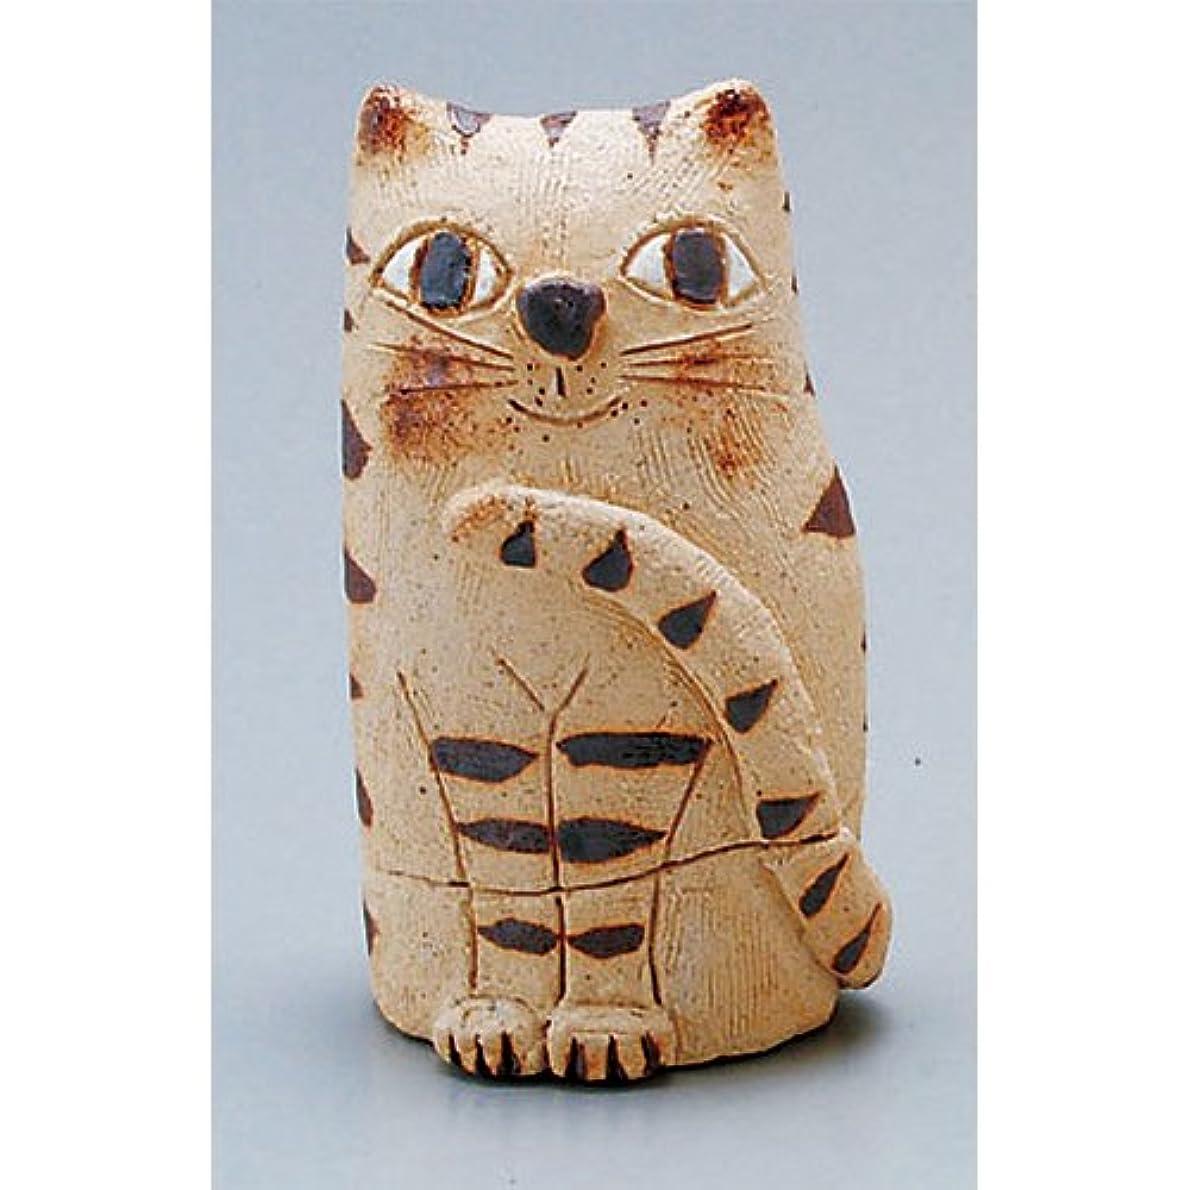 方法論いたずら精緻化香炉 蔵猫 香炉(小) [H11cm] HANDMADE プレゼント ギフト 和食器 かわいい インテリア